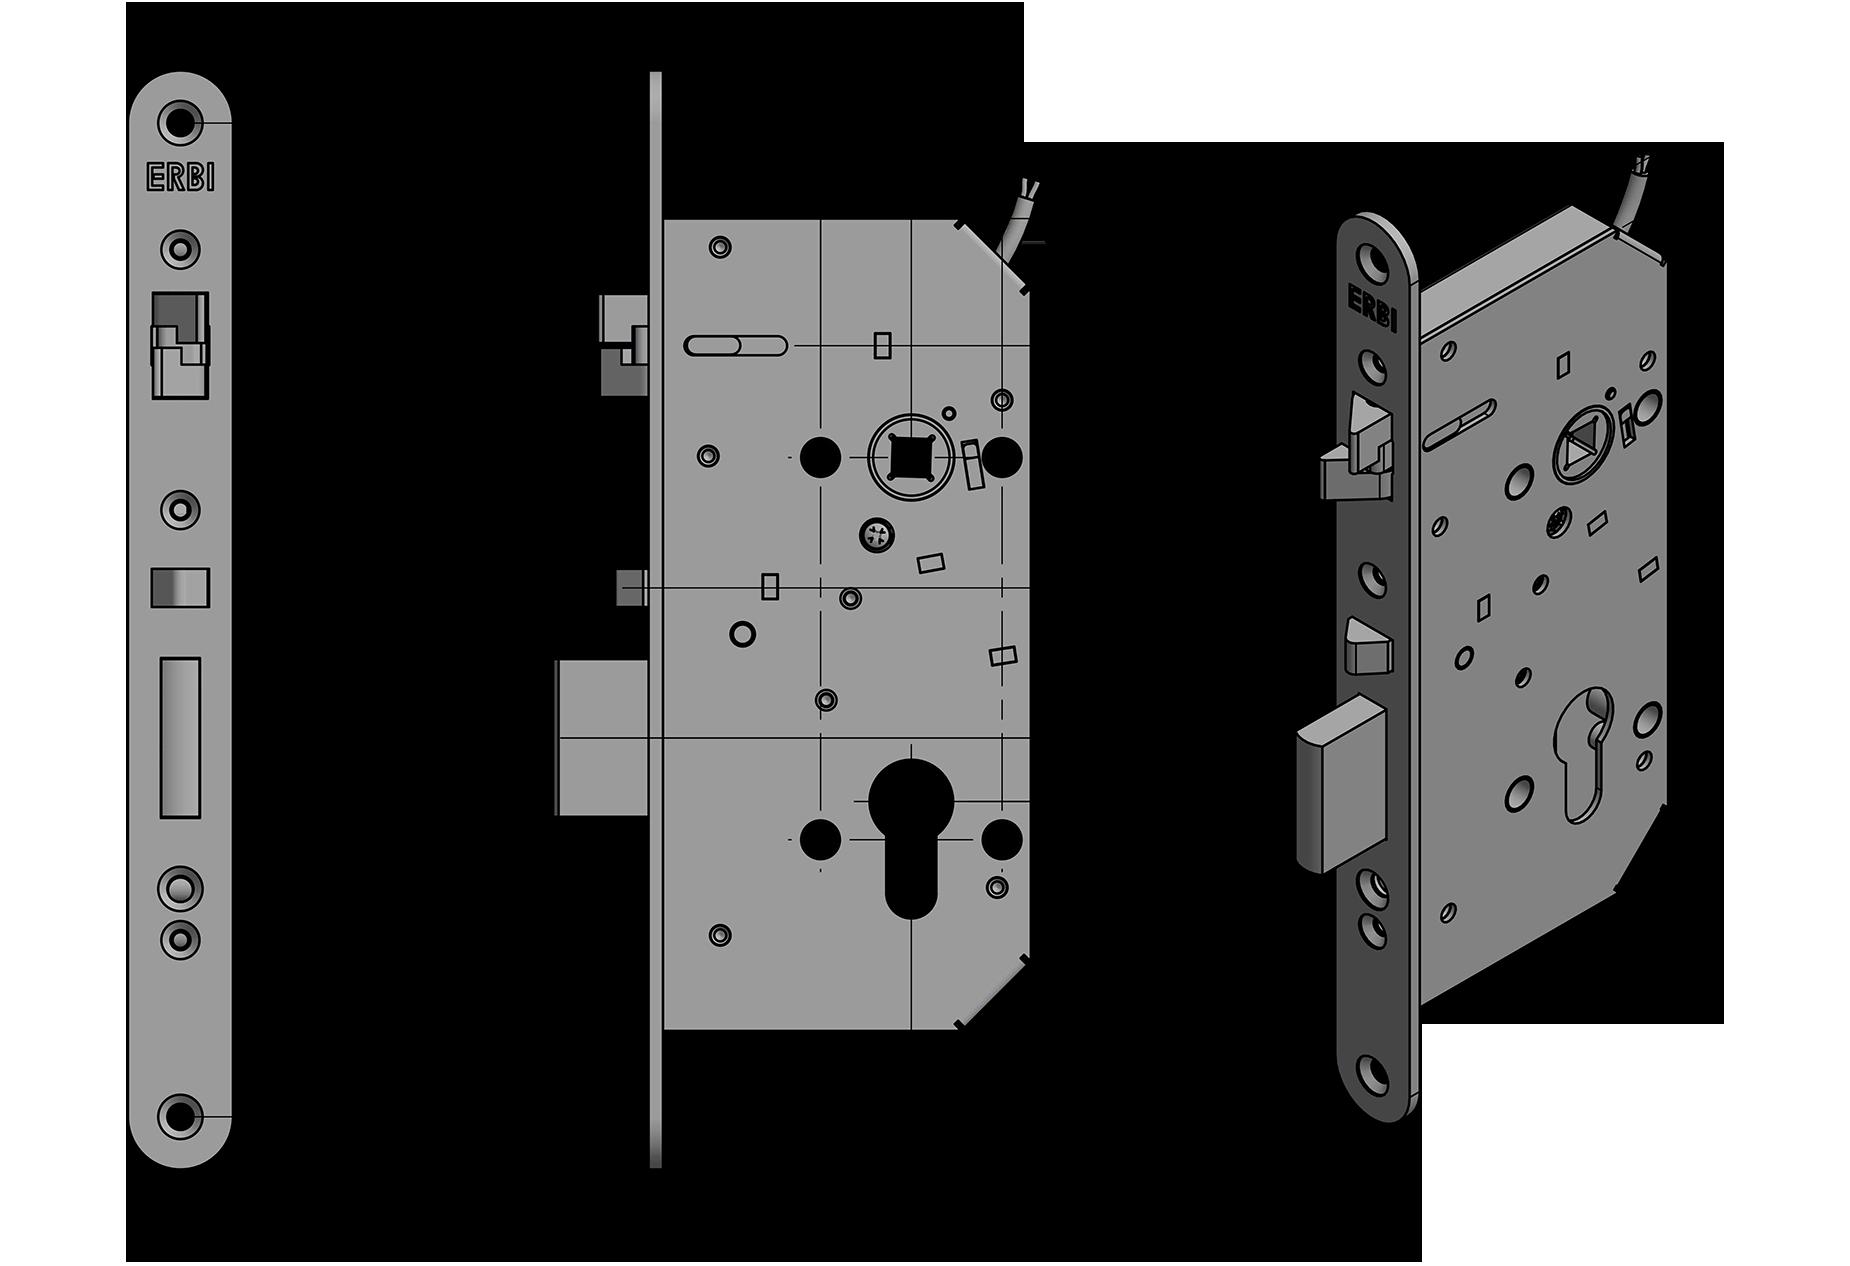 Samozamykací zámek ERBI rozteč 72mm, osa 55mm, elektromechanický